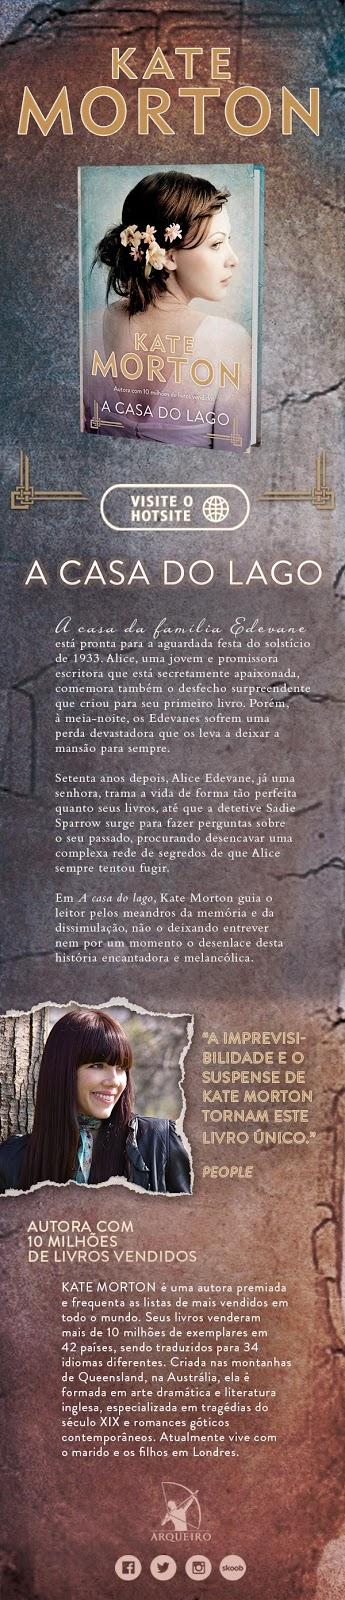 http://acasadolago.com.br/